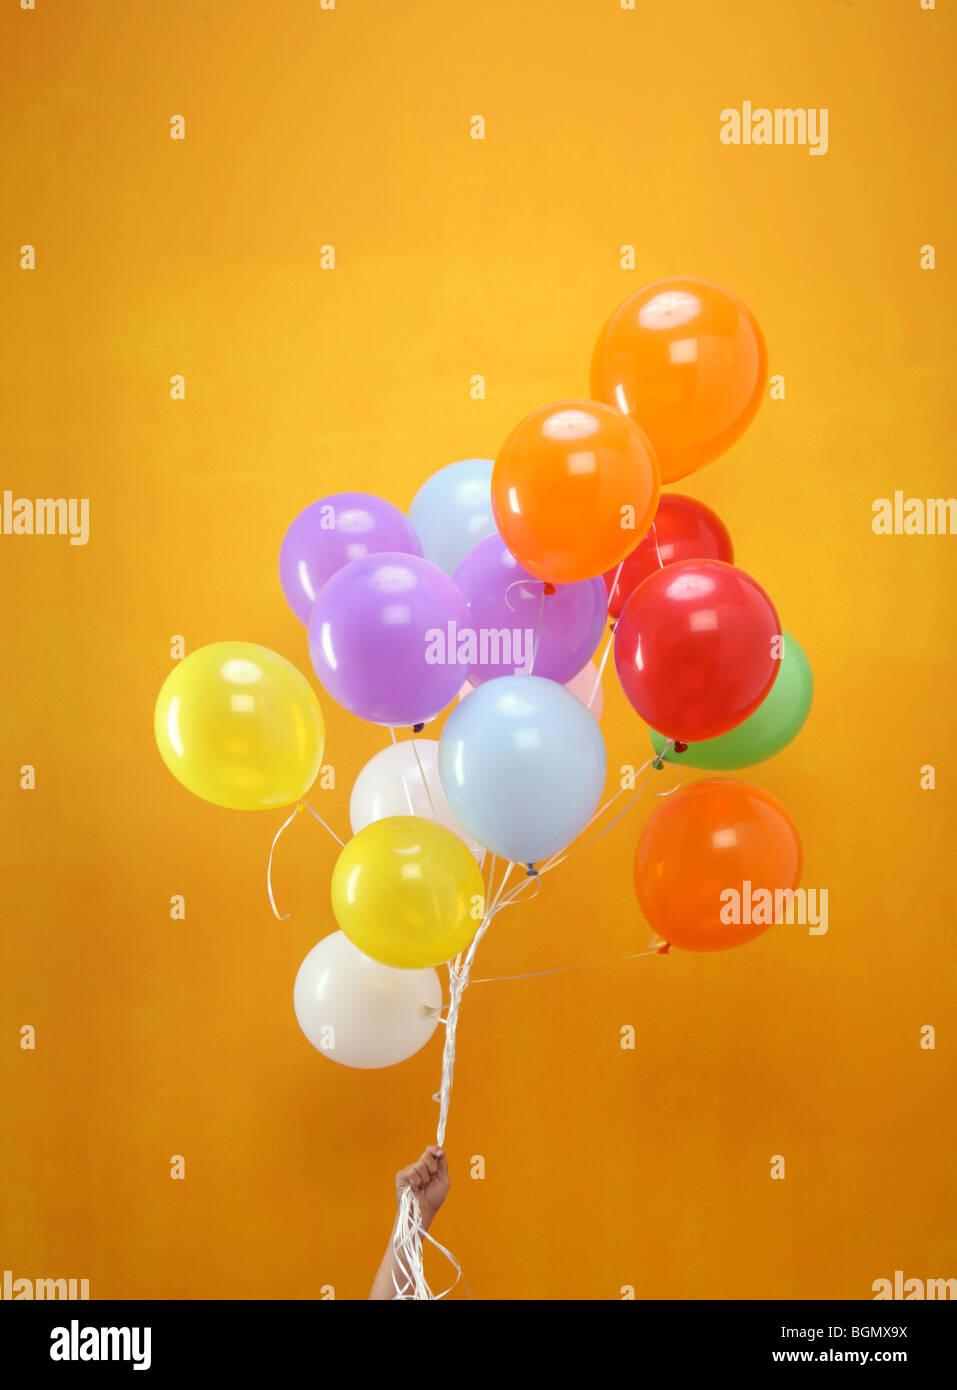 Globos de colores en un grupo organizado por una mano con fondo naranja Imagen De Stock